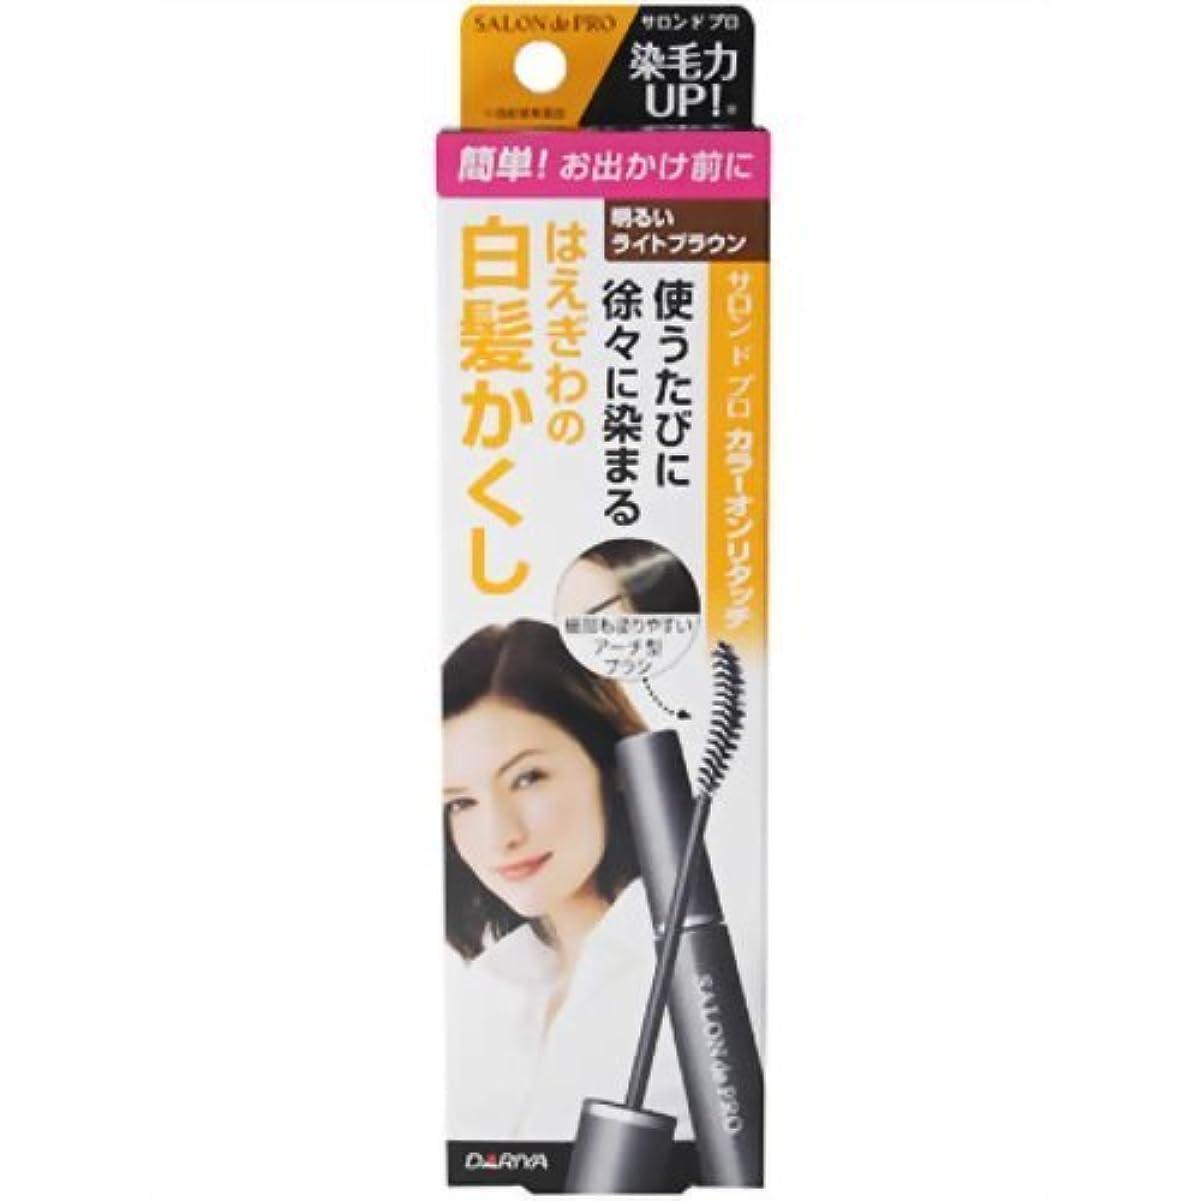 喉が渇いた記念日飢饉サロンドプロカラーオンリタッチ白髪かくし 明るいライトブラウン       15ML × 3個セット